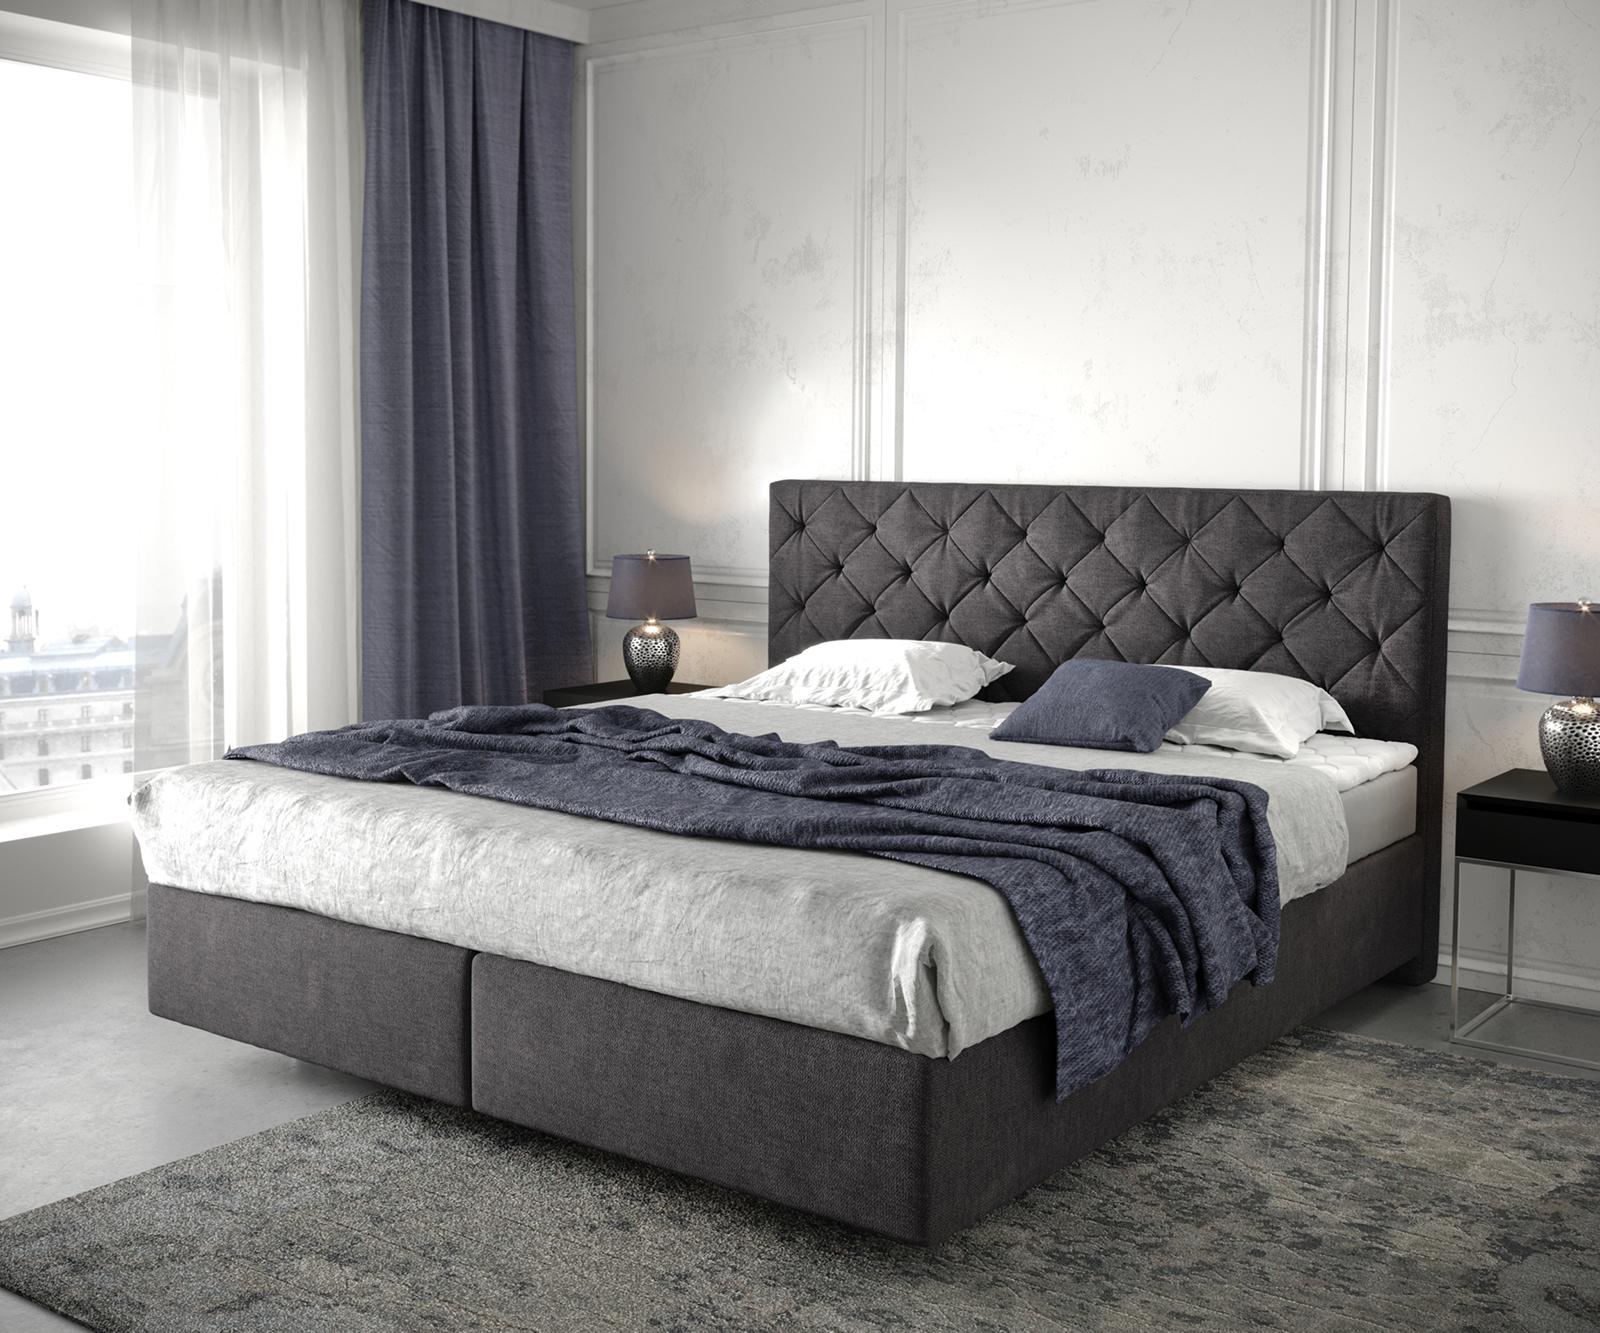 Boxspringbett Dream-Great 180x200 cm Schwarz mit Matratze und Topper